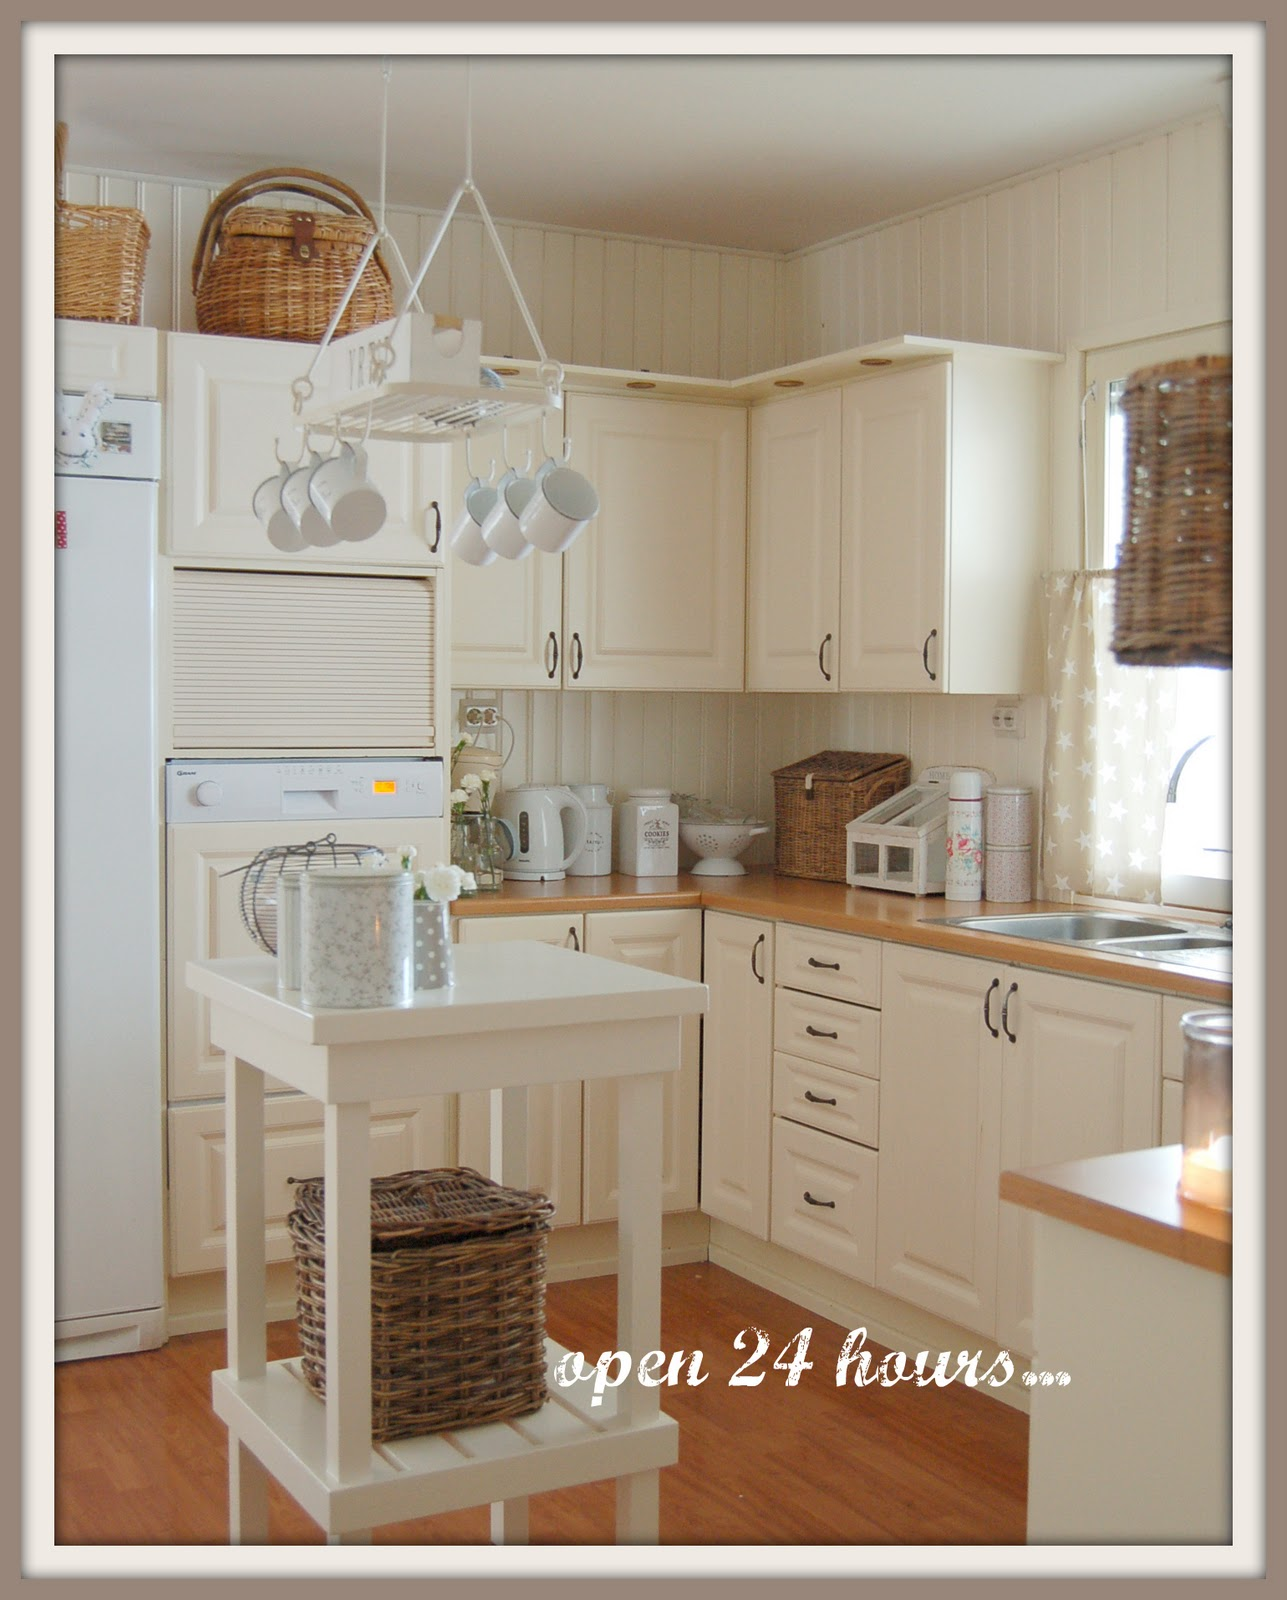 Maalaisunelmaa keittiö